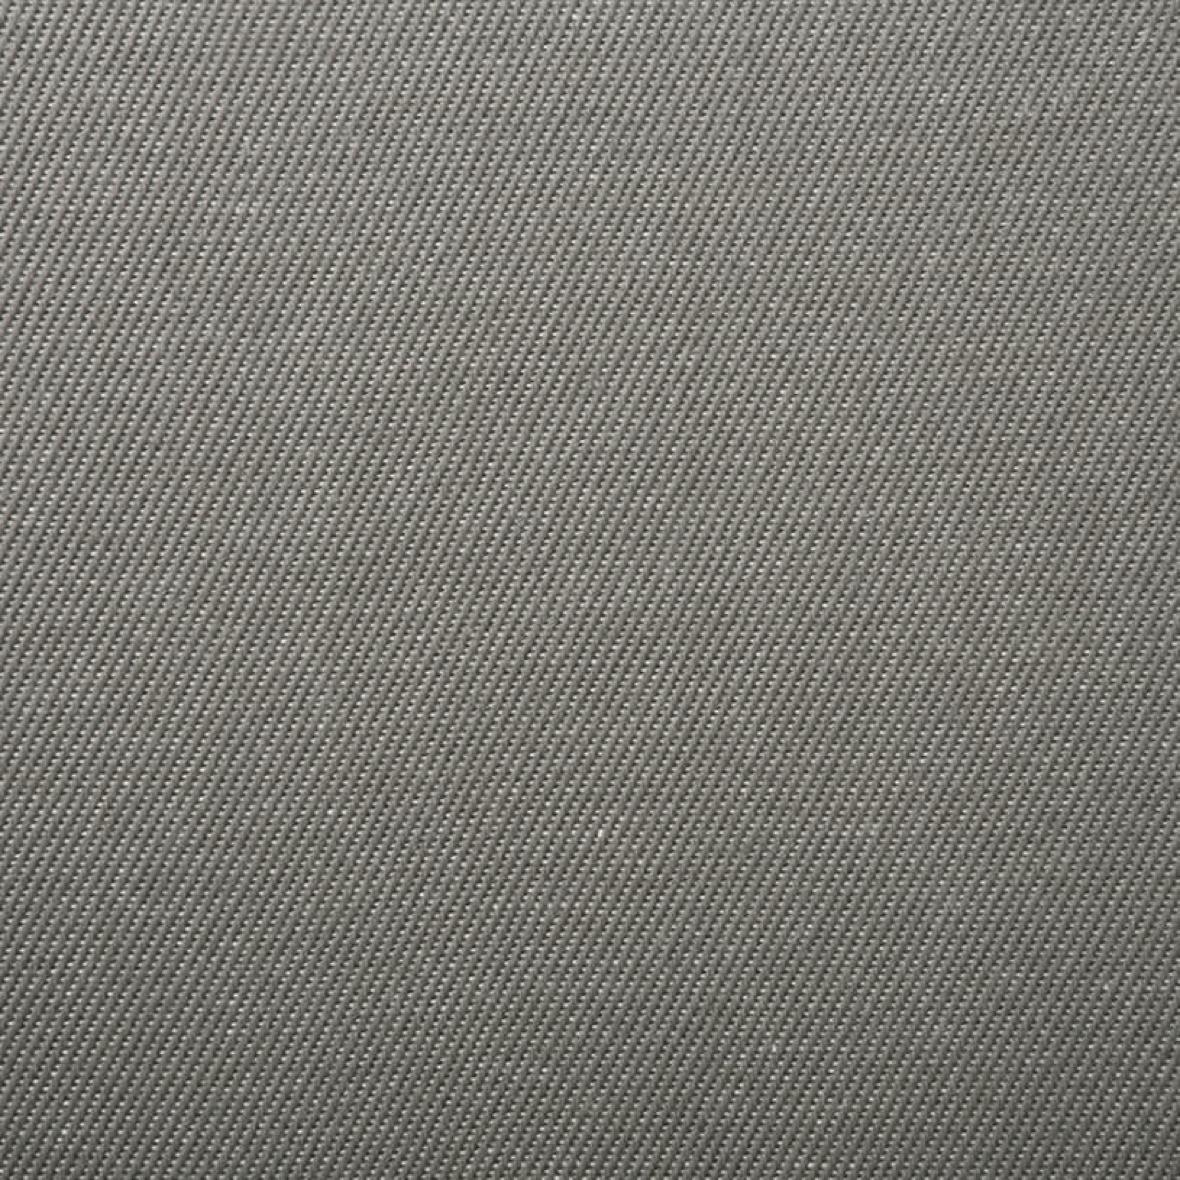 G-1043 ドレープH 2.0 L 300*160 標準縫製2.0倍ヒダ オーダーカーテン0